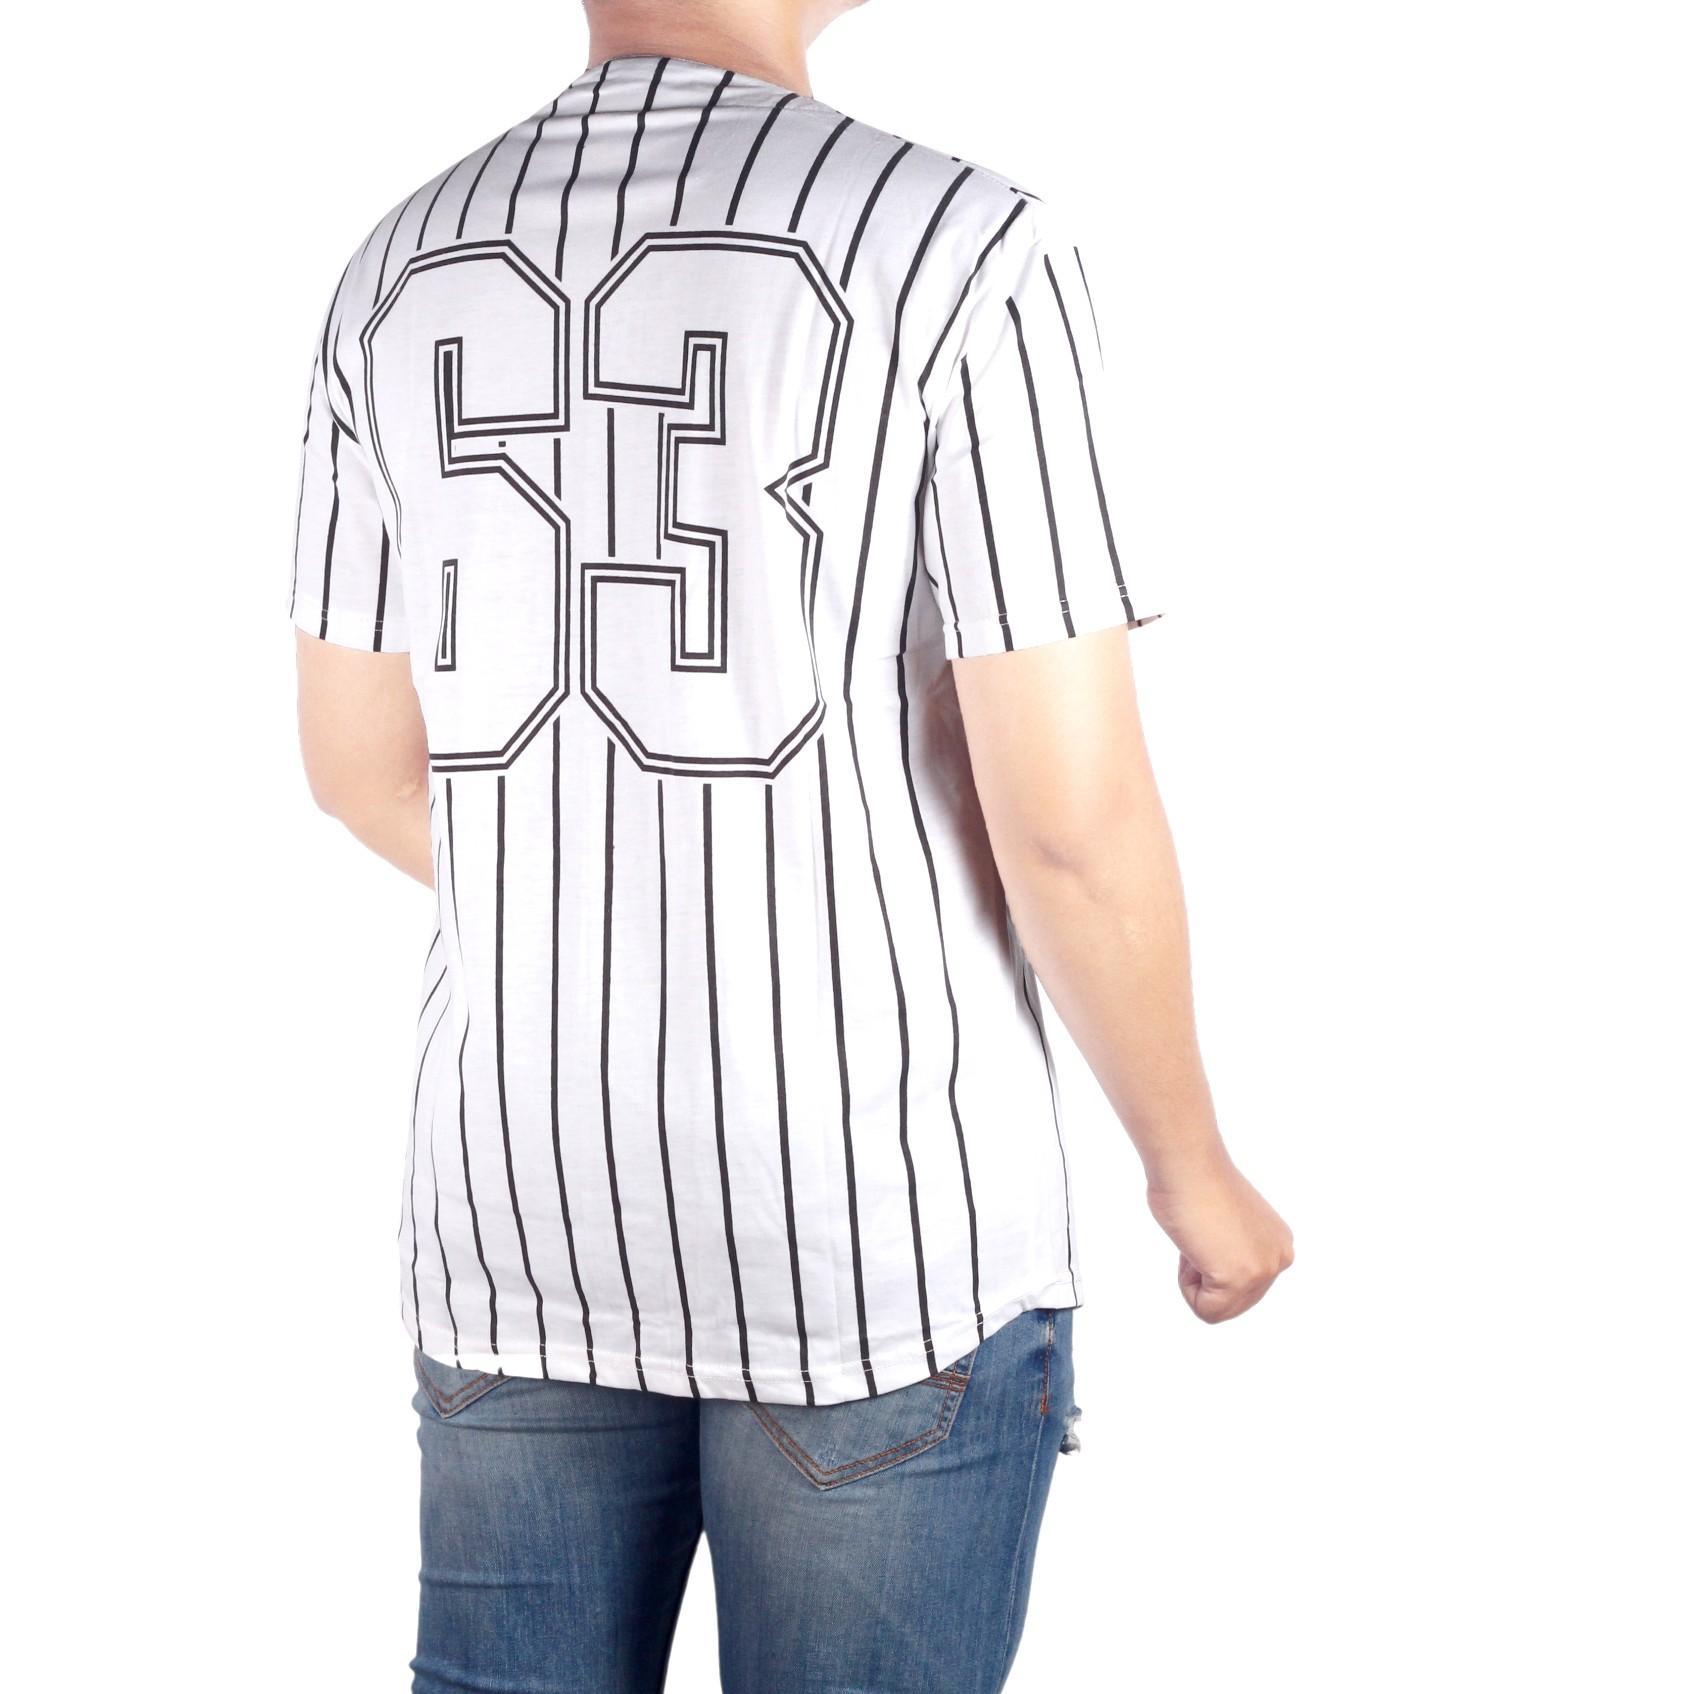 Dgm_Fashion1 baju kaos Distro BASEBALL Putih/ Baju Kaos Distro Baseball Hitam dan Putih/Kaos DIstro/Kaos Pria/Kaos Oblong/Kaos Men/Kaos Young Lex/Kaos YOGS/Kaos Swag/Kaos Murah/Kaos COMBED/Baju Distro NS 5711